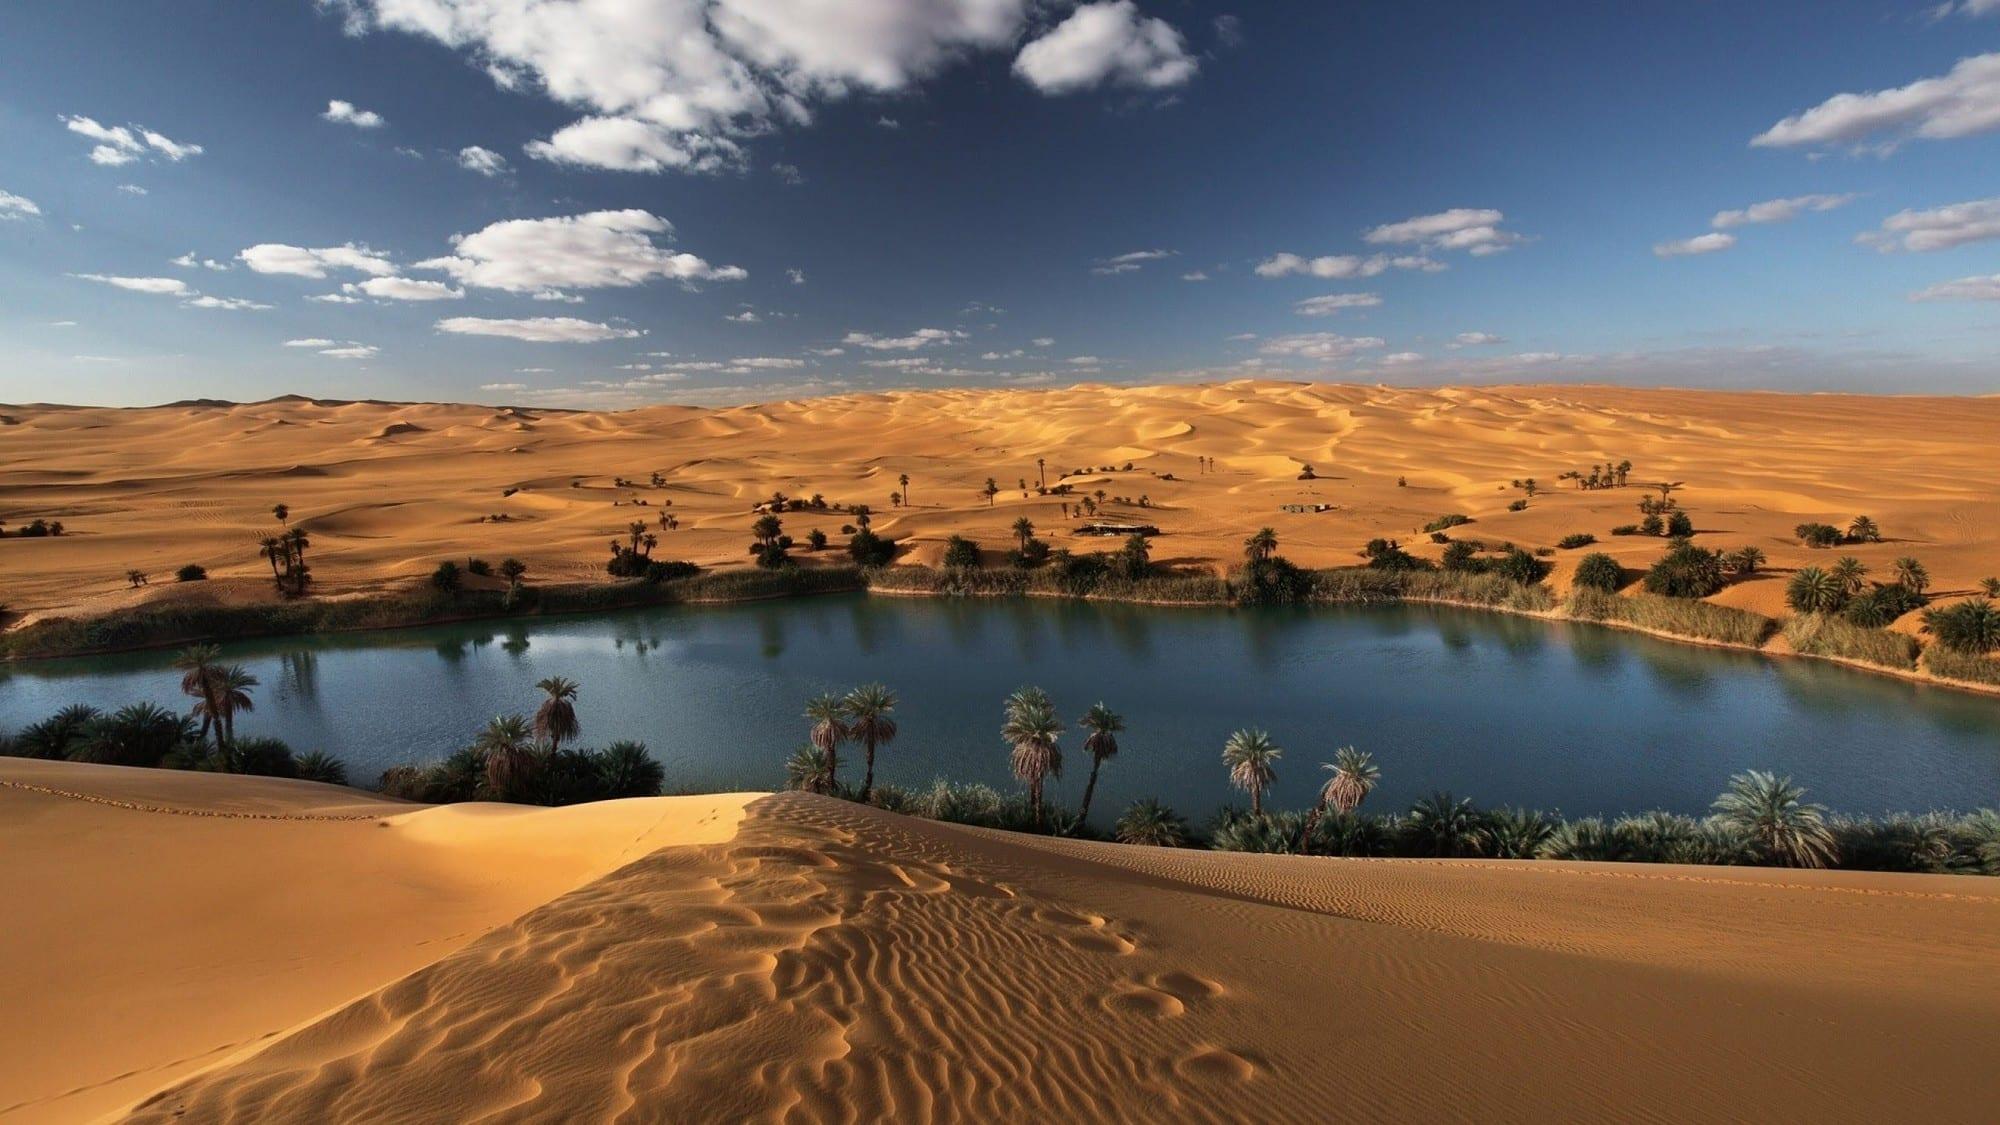 جزيرة العرب في القرن العشرين